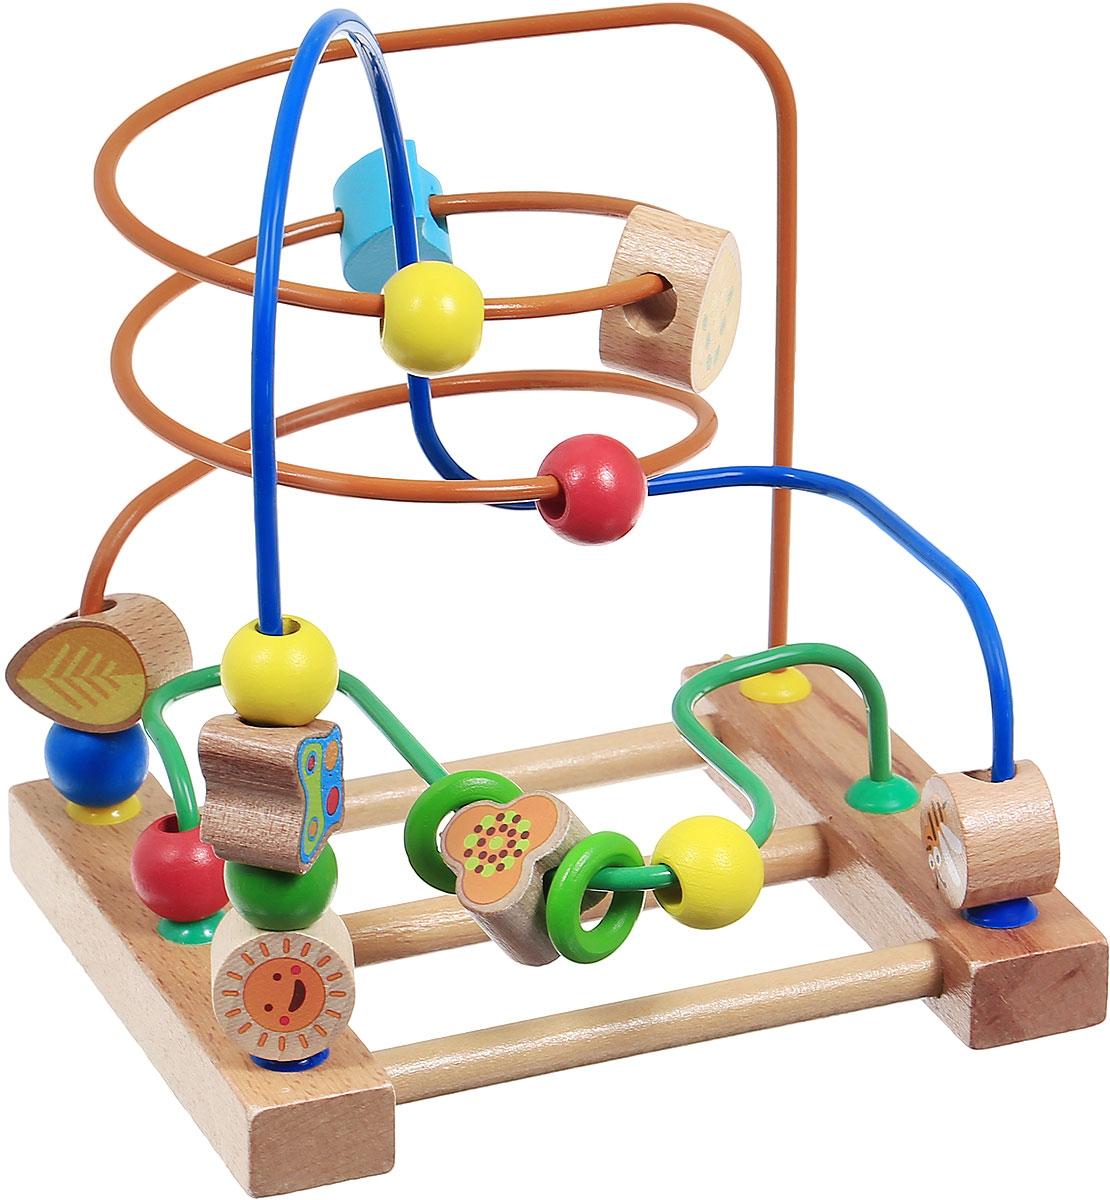 Мир деревянных игрушек Развивающая игра Лабиринт №3